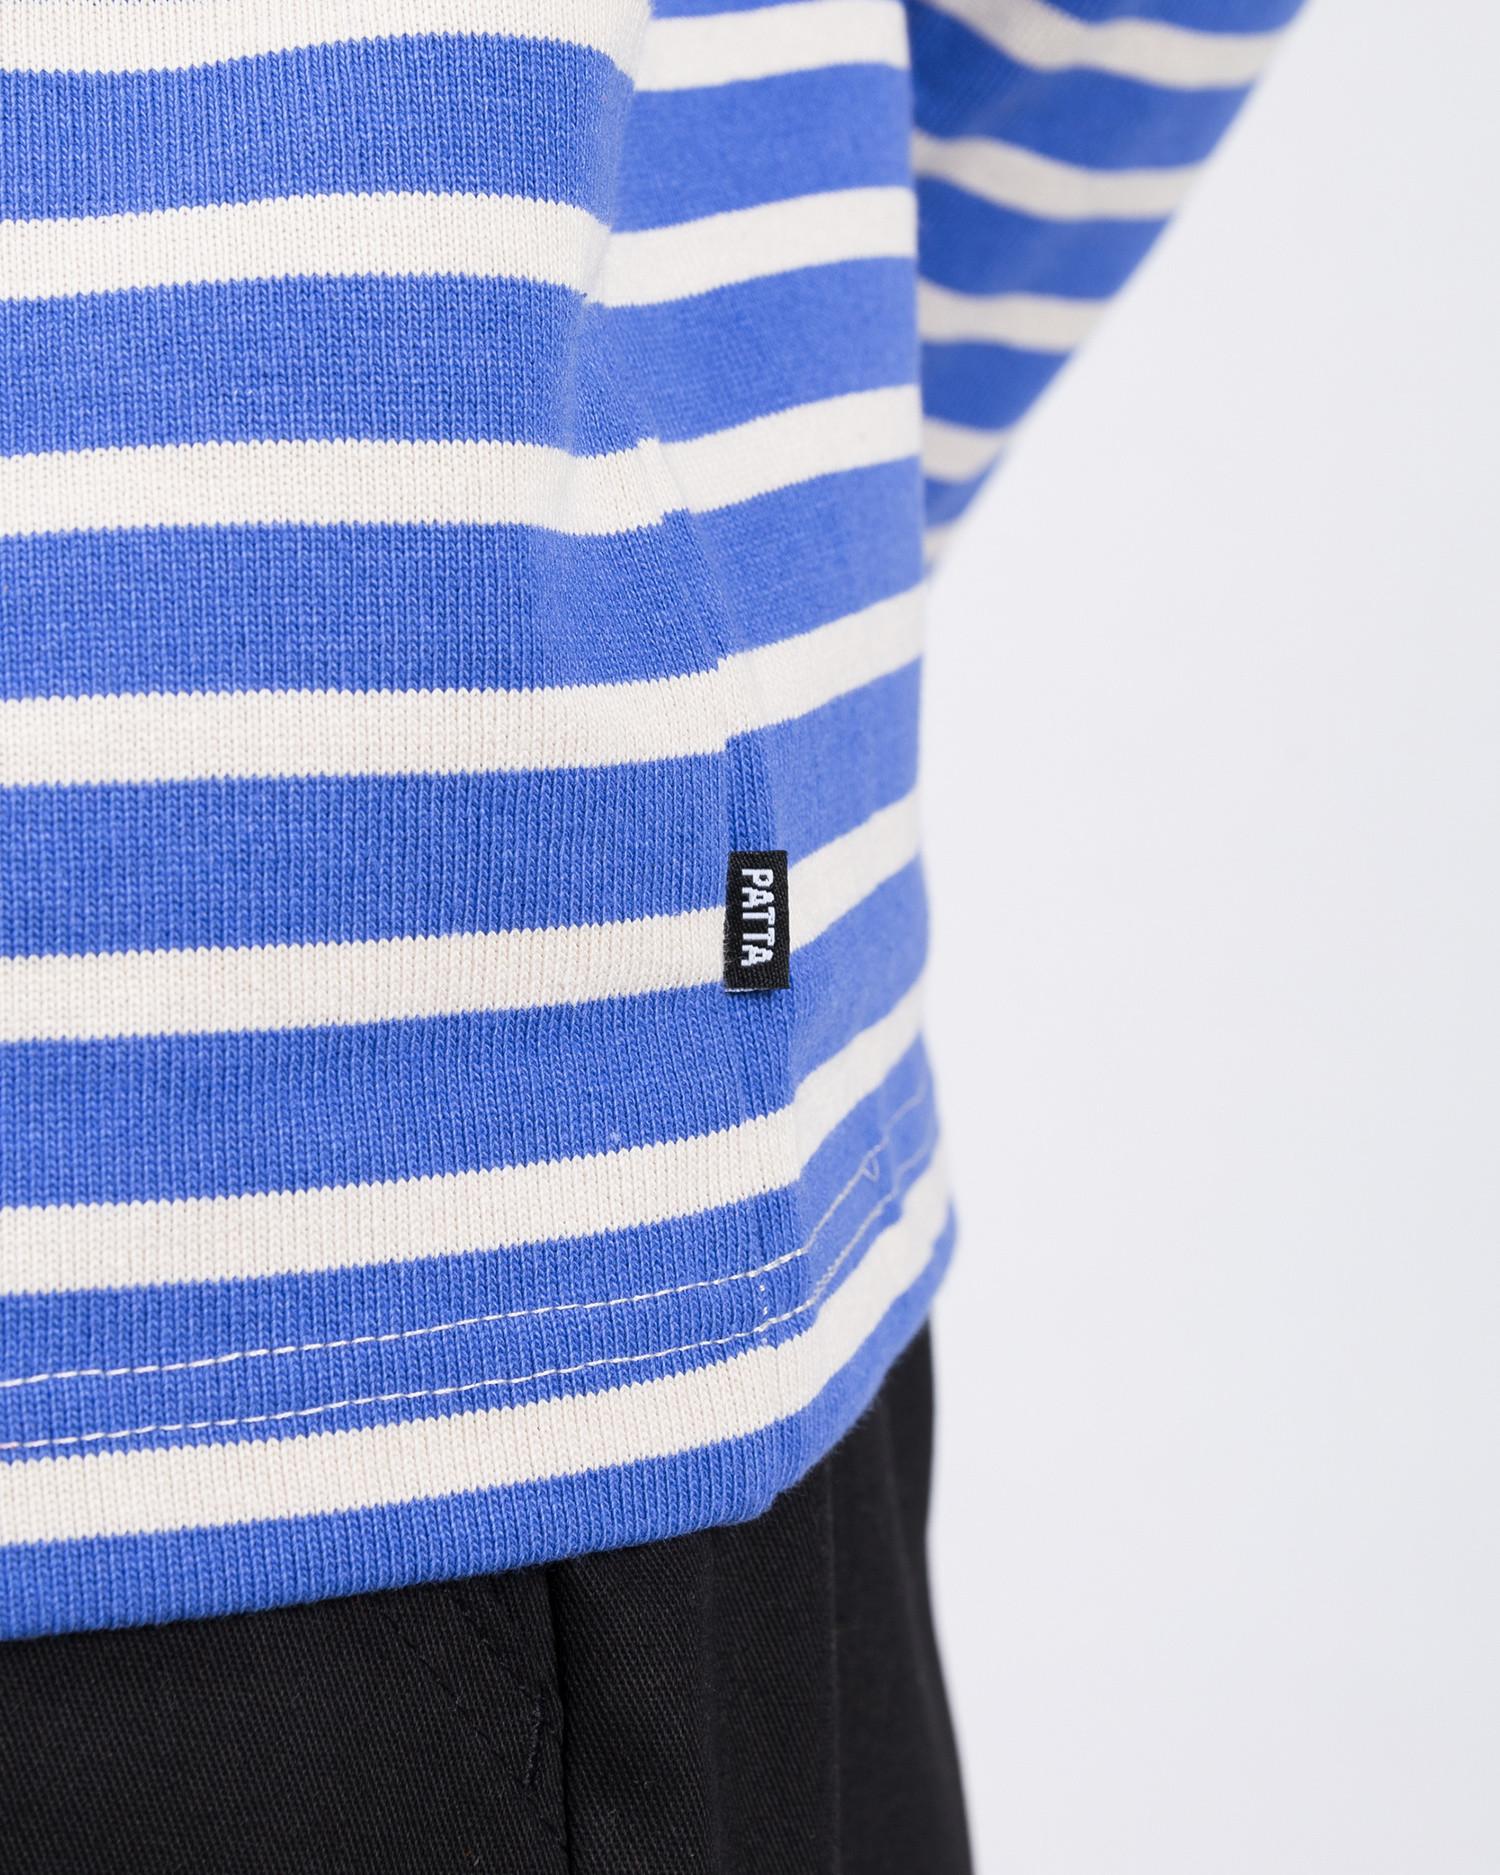 Patta Striped Heavy Longsleeve Baja Blue